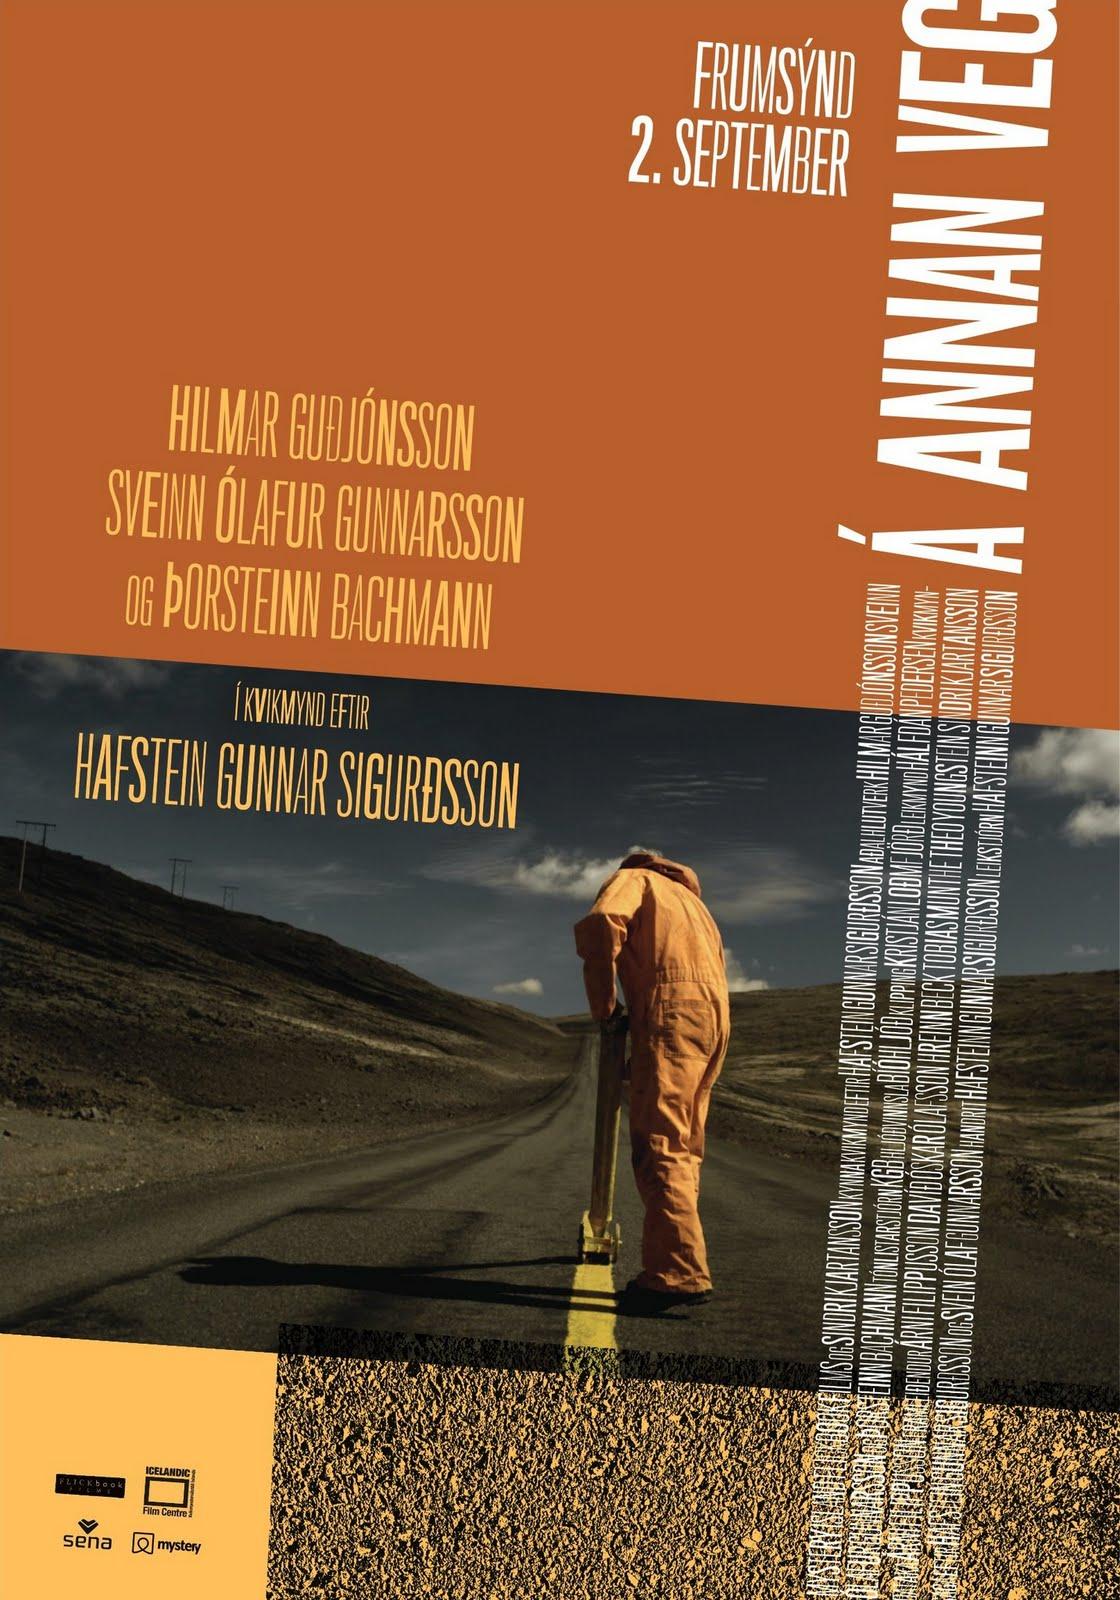 Después de 1984: Las 10 mejores películas de #Donostia2011